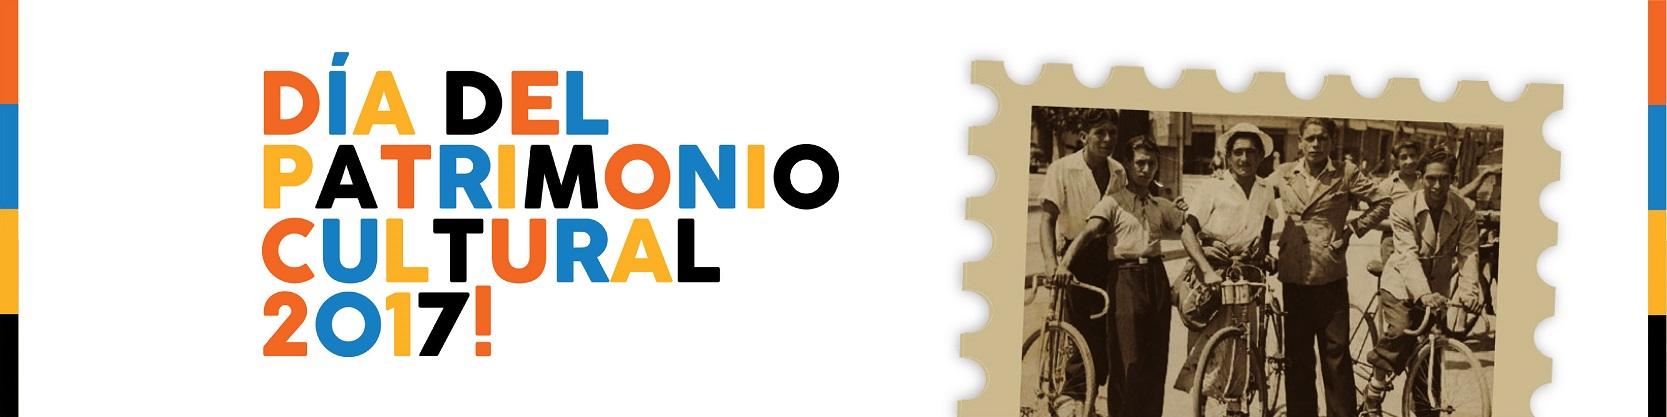 Día del Patrimonio Cultural 2017 en Puente Alto